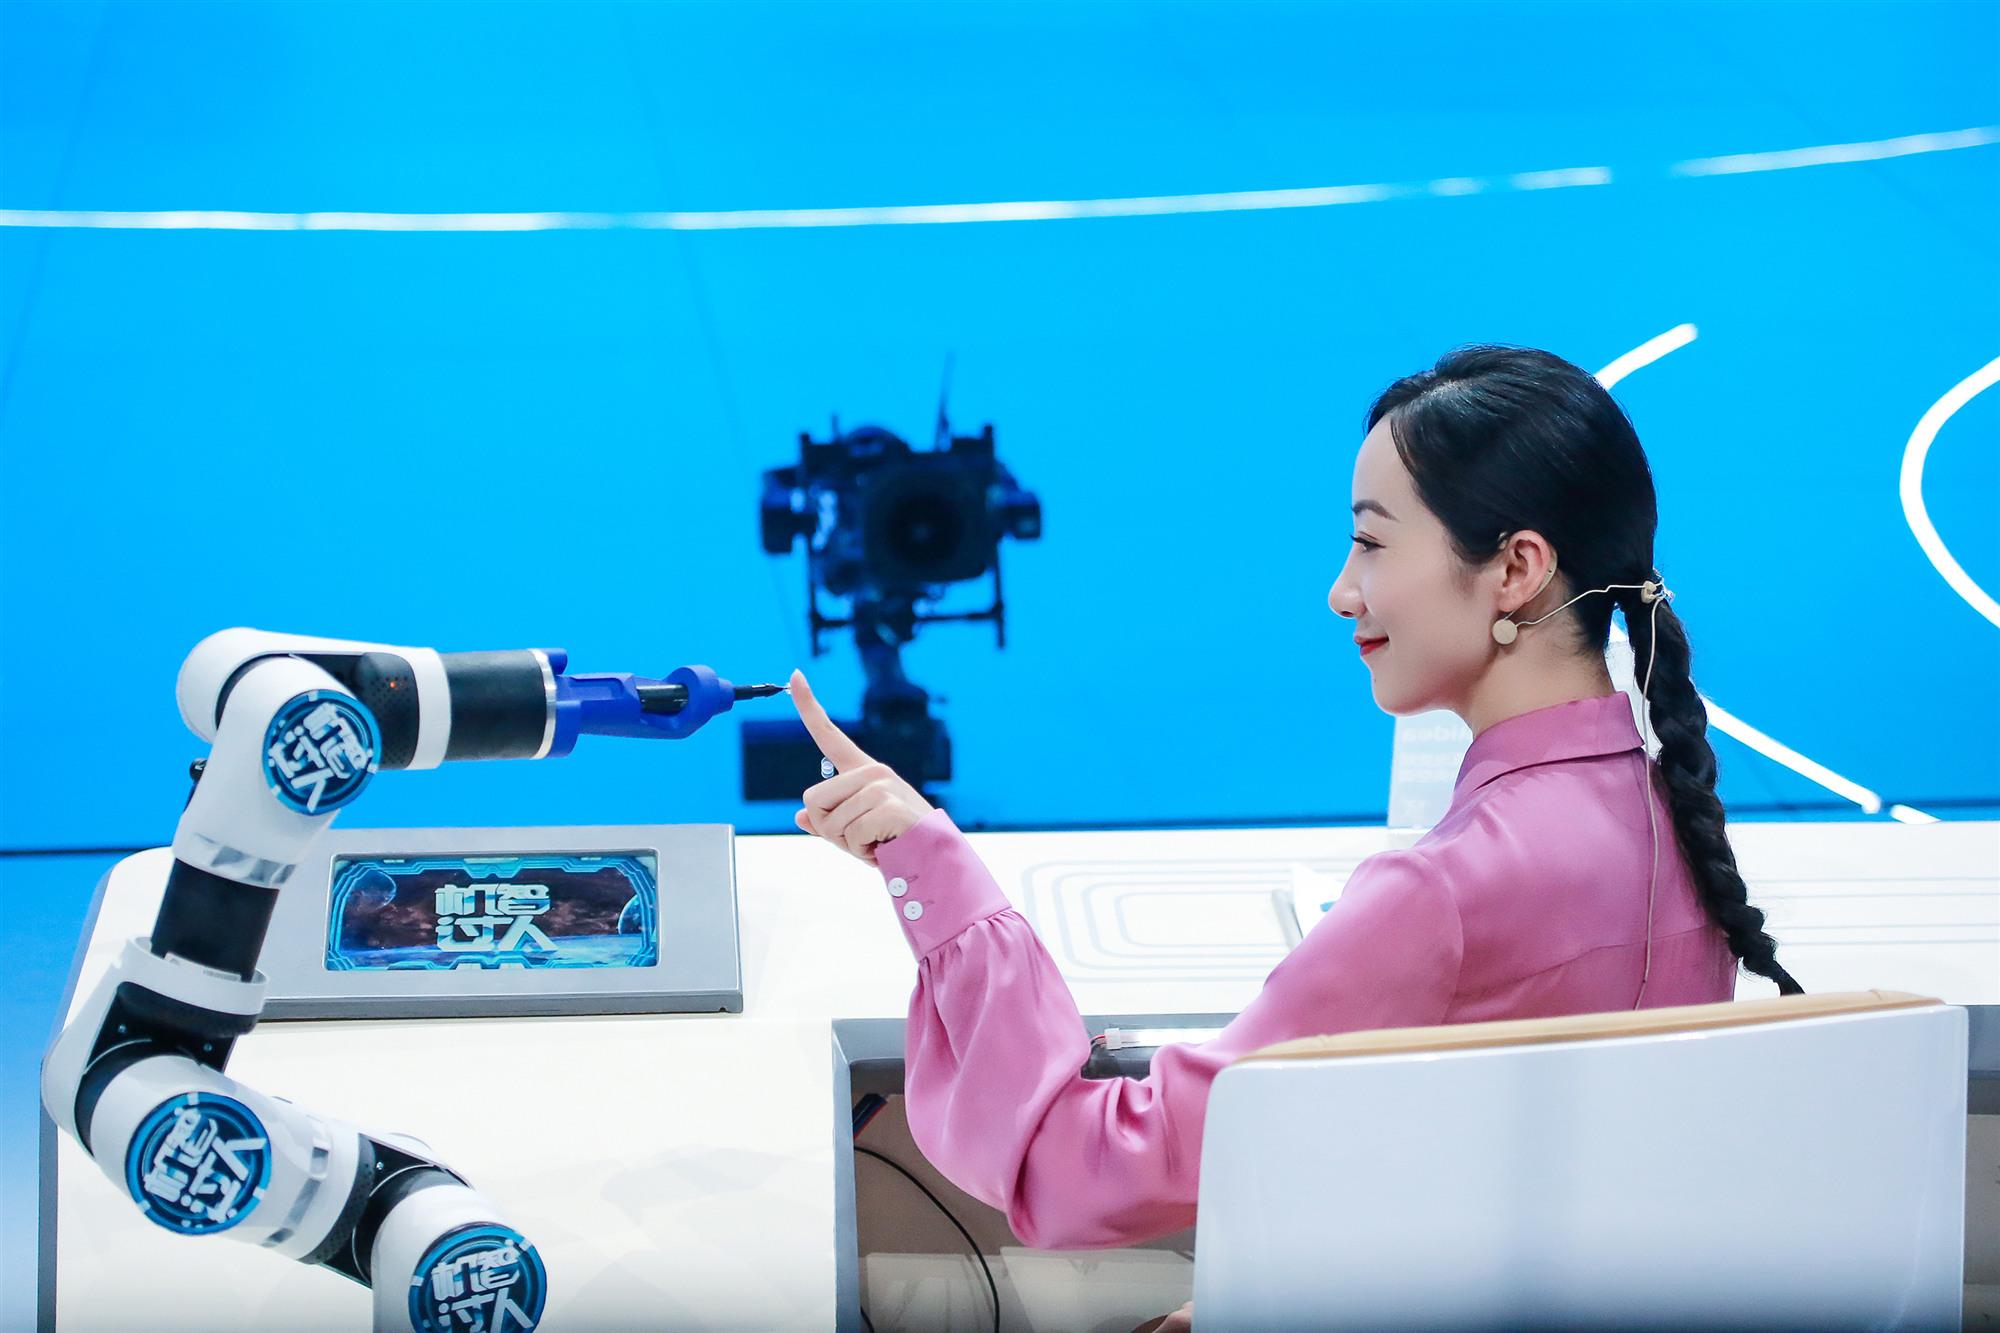 CCTV-1《机智过人》韩雪机智表现备受期待